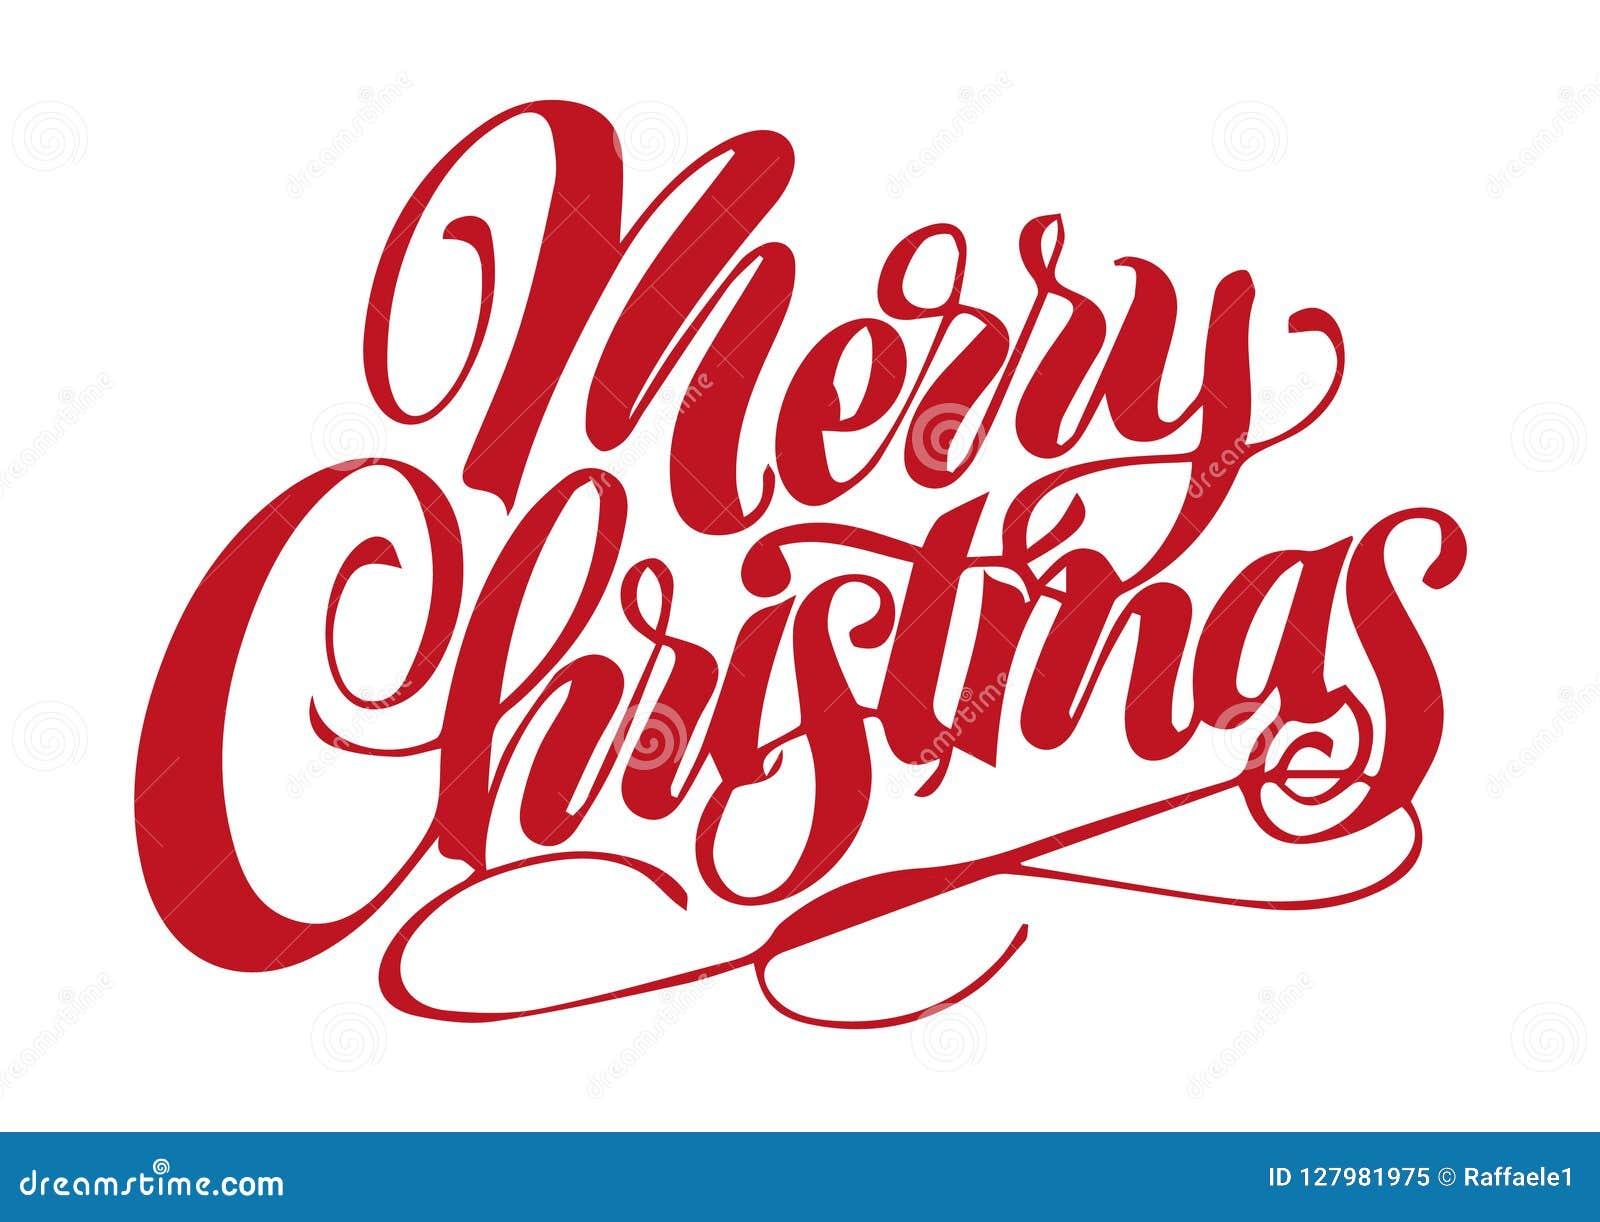 Buon Natale In Inglese.Buon Natale In Inglese Illustrazione Vettoriale Illustrazione Di